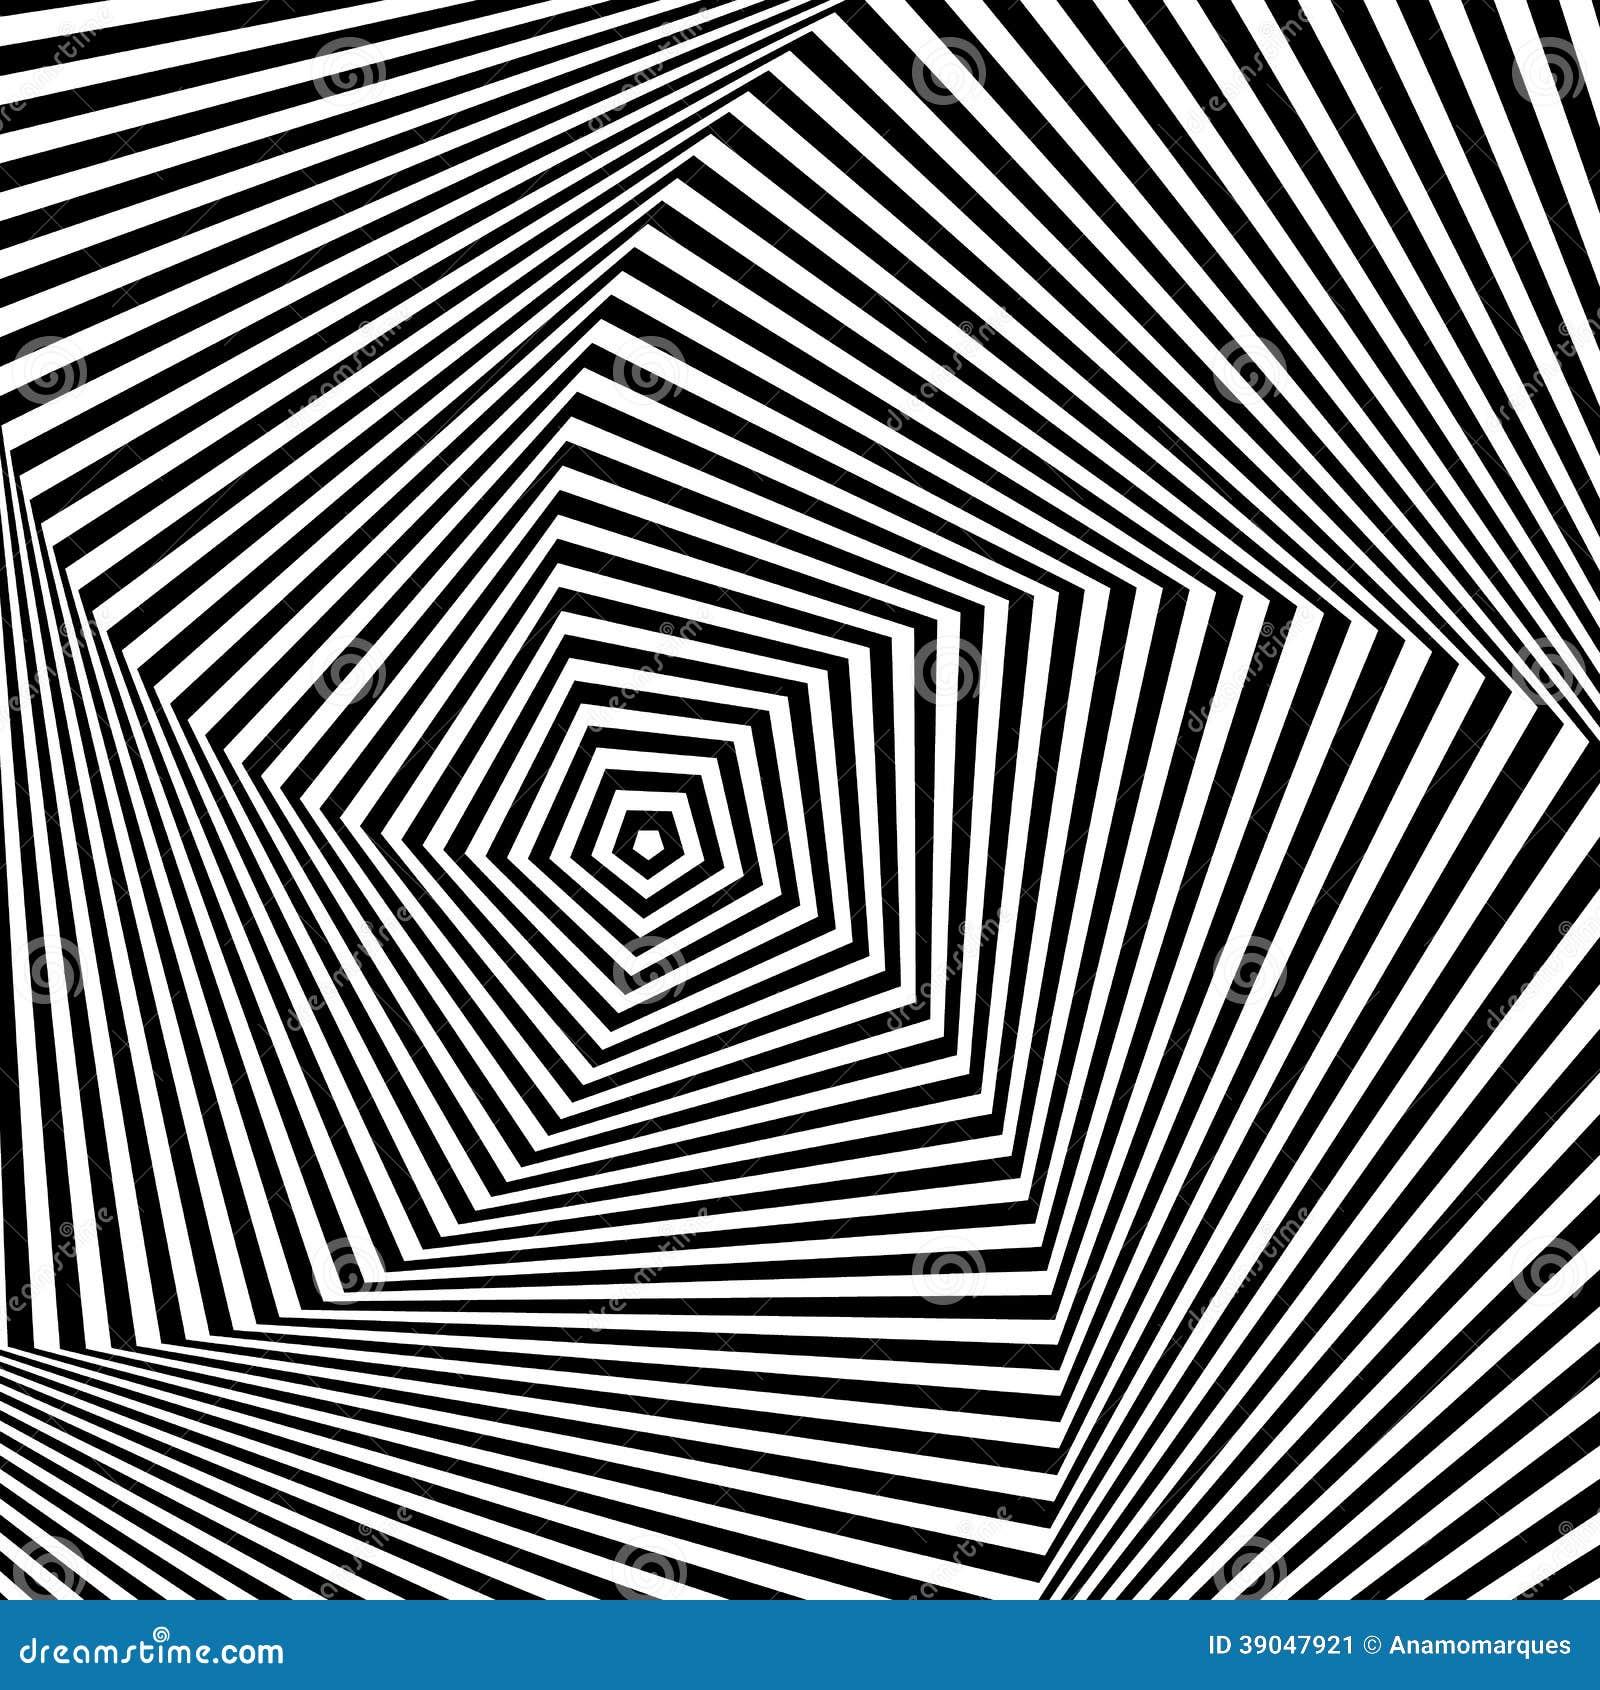 Optische Täuschung Vektor Abbildung  Bild 39047921